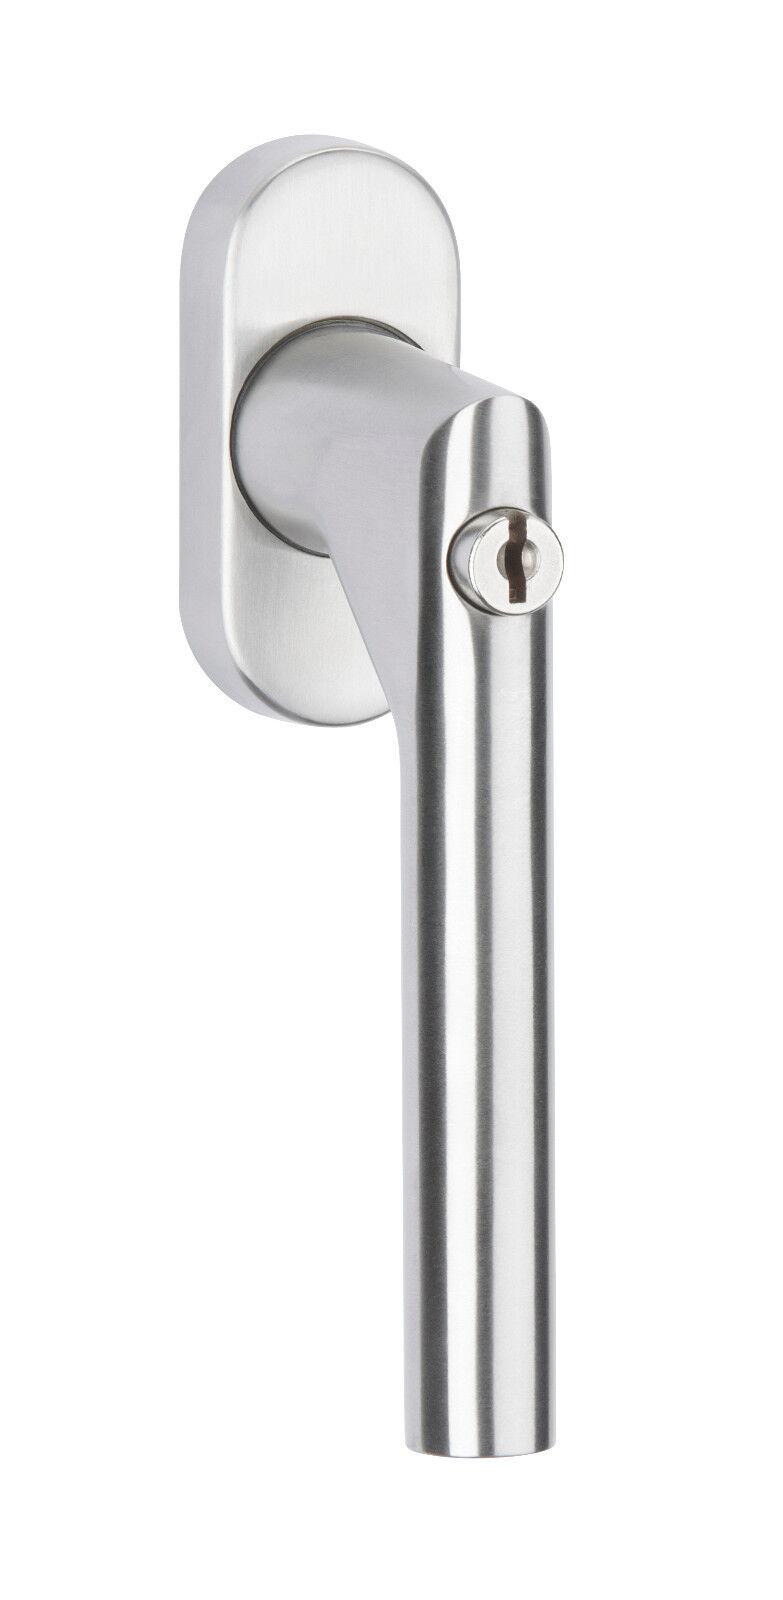 Hermat Fenstergriff 1802 DKI Edelstahl abschließbar 200 Nm mit Mengenrabatte | Kunde zuerst  | Billig  | München Online Shop  | Stabile Qualität